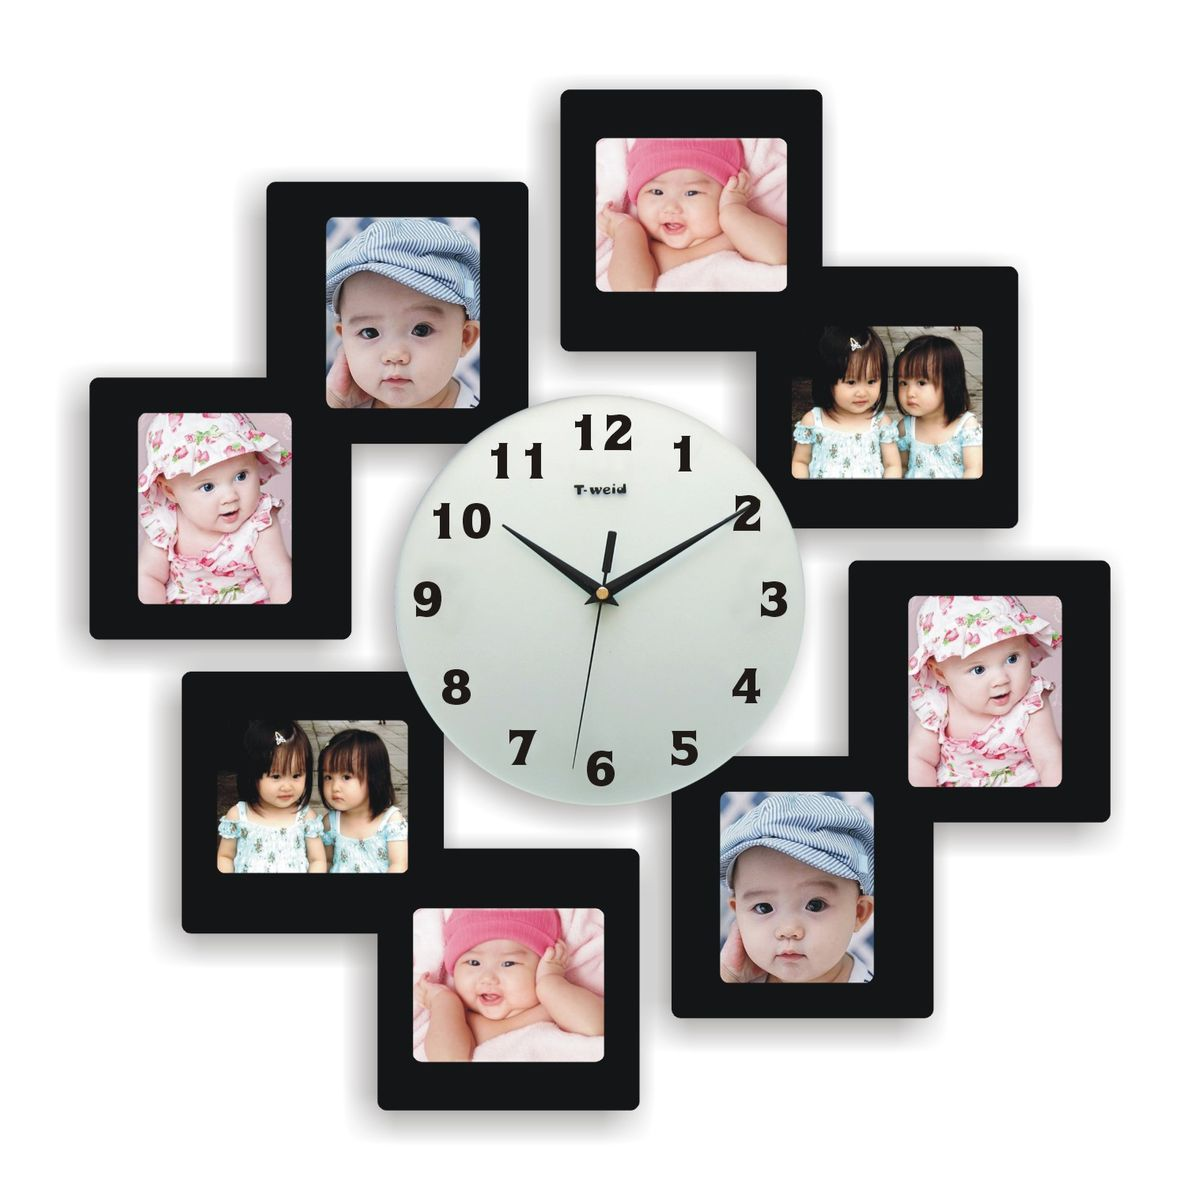 Часы настенные T-Weid, с фоторамками, цвет: черный, 55 х 55 х 5 см148126Настенные кварцевые часы с фоторамками - это прекрасный предмет декора, а также универсальный подарок практически по любому поводу. Корпус часов, выполнен из дерева с черным матовым покрытием и оформлен восемью фоторамками.Циферблат часов оснащен тремя фигурными стрелками: часовой, минутной и секундной. Цифры и метки нанесены черной краской на стекле циферблата. На задней стенке часов расположена металлическая петелька для подвешивания и блок с часовым механизмом. Часы с фоторамками прекрасно впишутся в любой интерьер. В зависимости оттого, что вы поместите в рамки, будет меняться и стиль часов. Тип механизма: плавающий, бесшумный. Рекомендуется докупить батарейку типа АА (не входит в комплект). для 8 фото 11 х 9см.